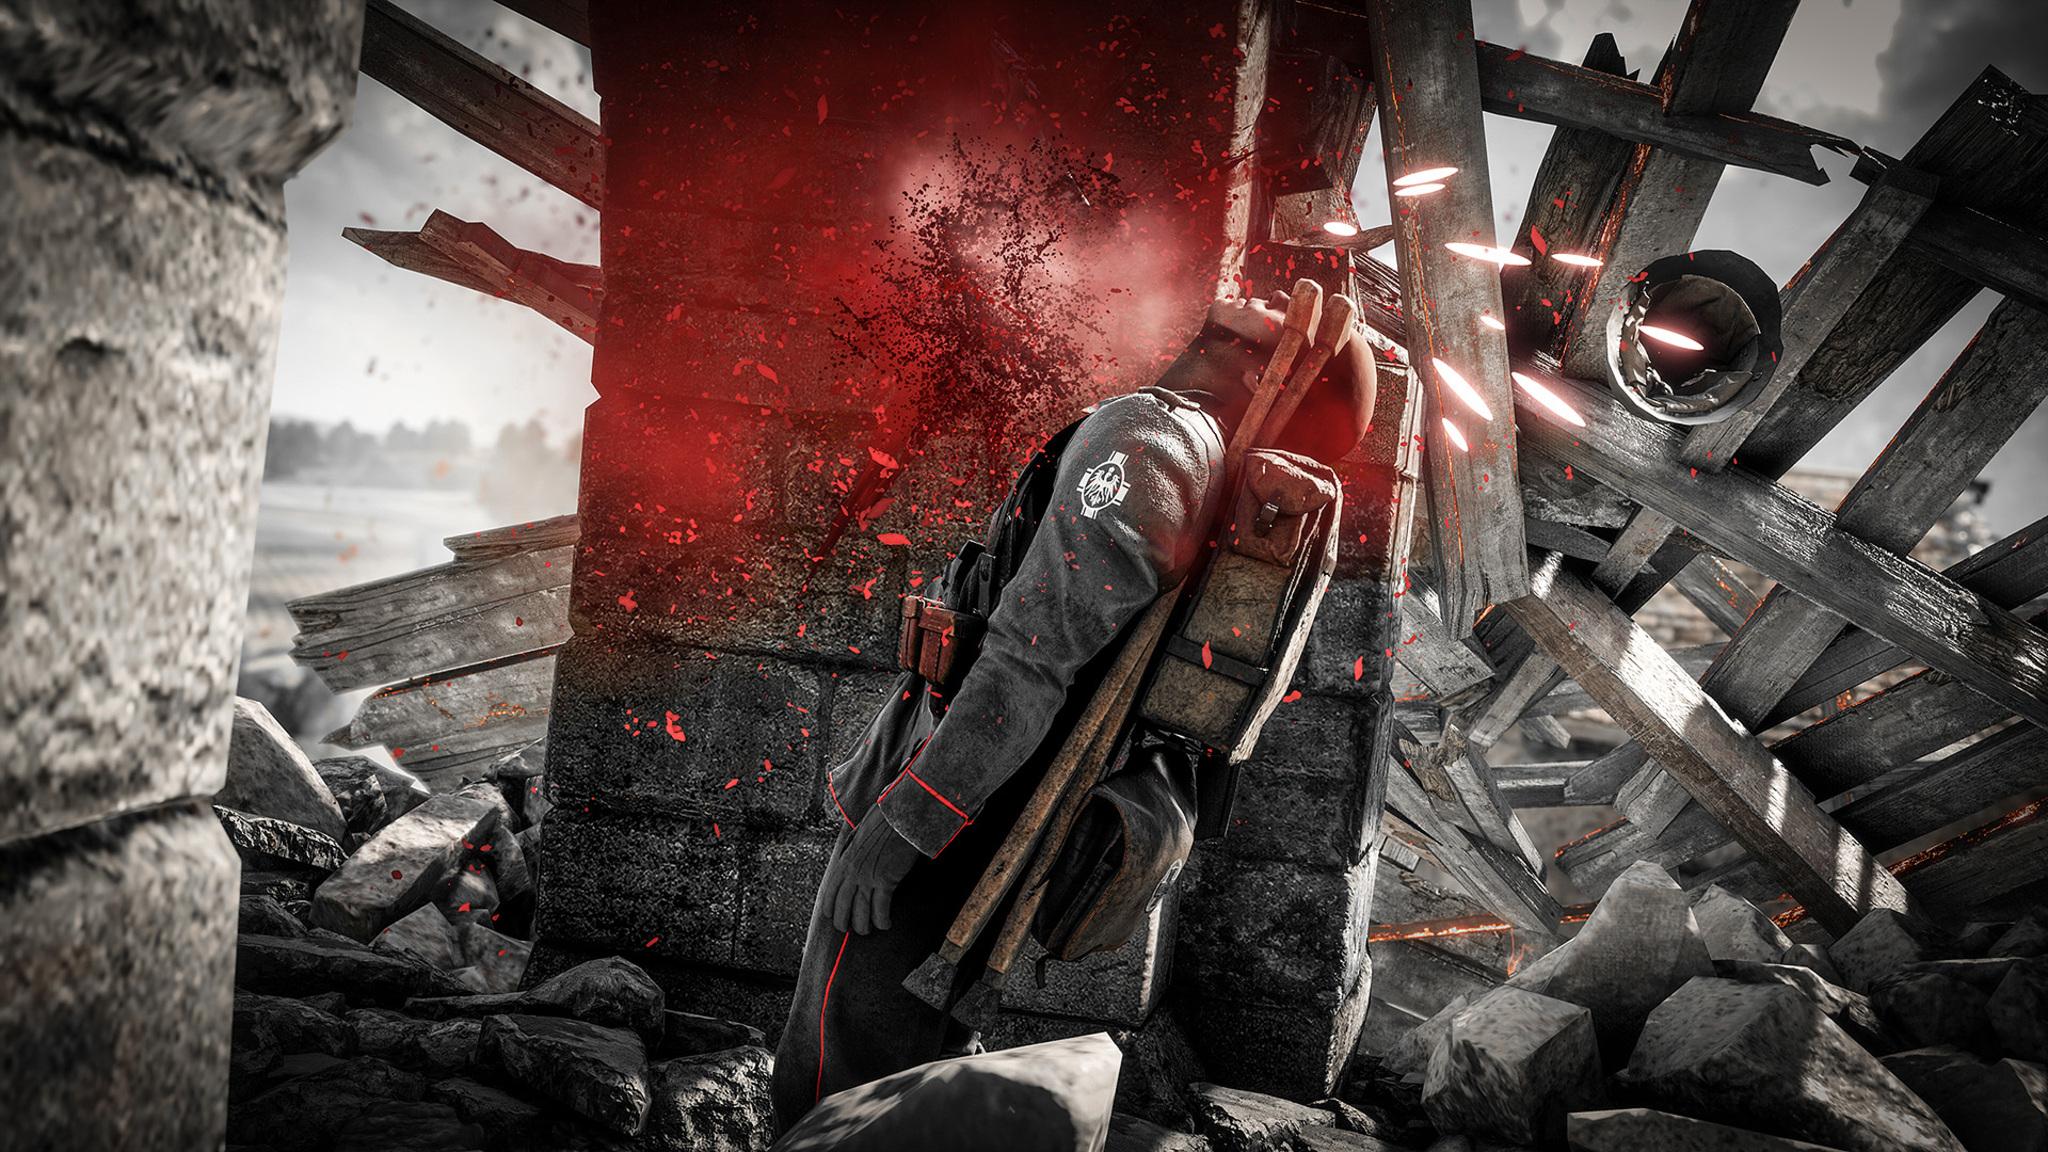 Cute Wallpapers For Girls  2048x1152 Battlefield 1 Gun Shot 2048x1152 Resolution Hd